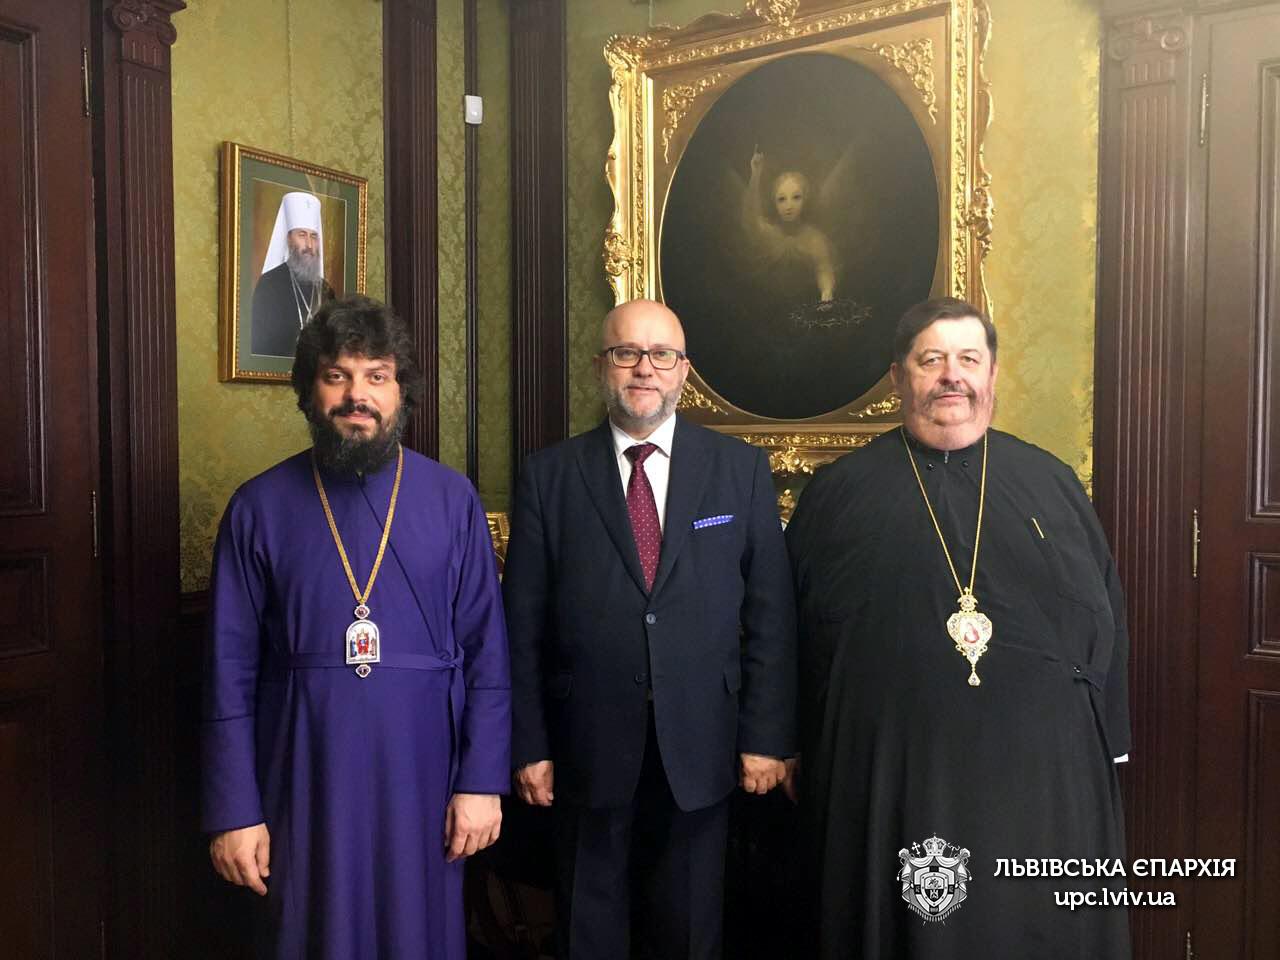 Єпископи УПЦ та Польської Православної Церкви обговорили з консулом Польщі стосунки між єпархіями двох країн